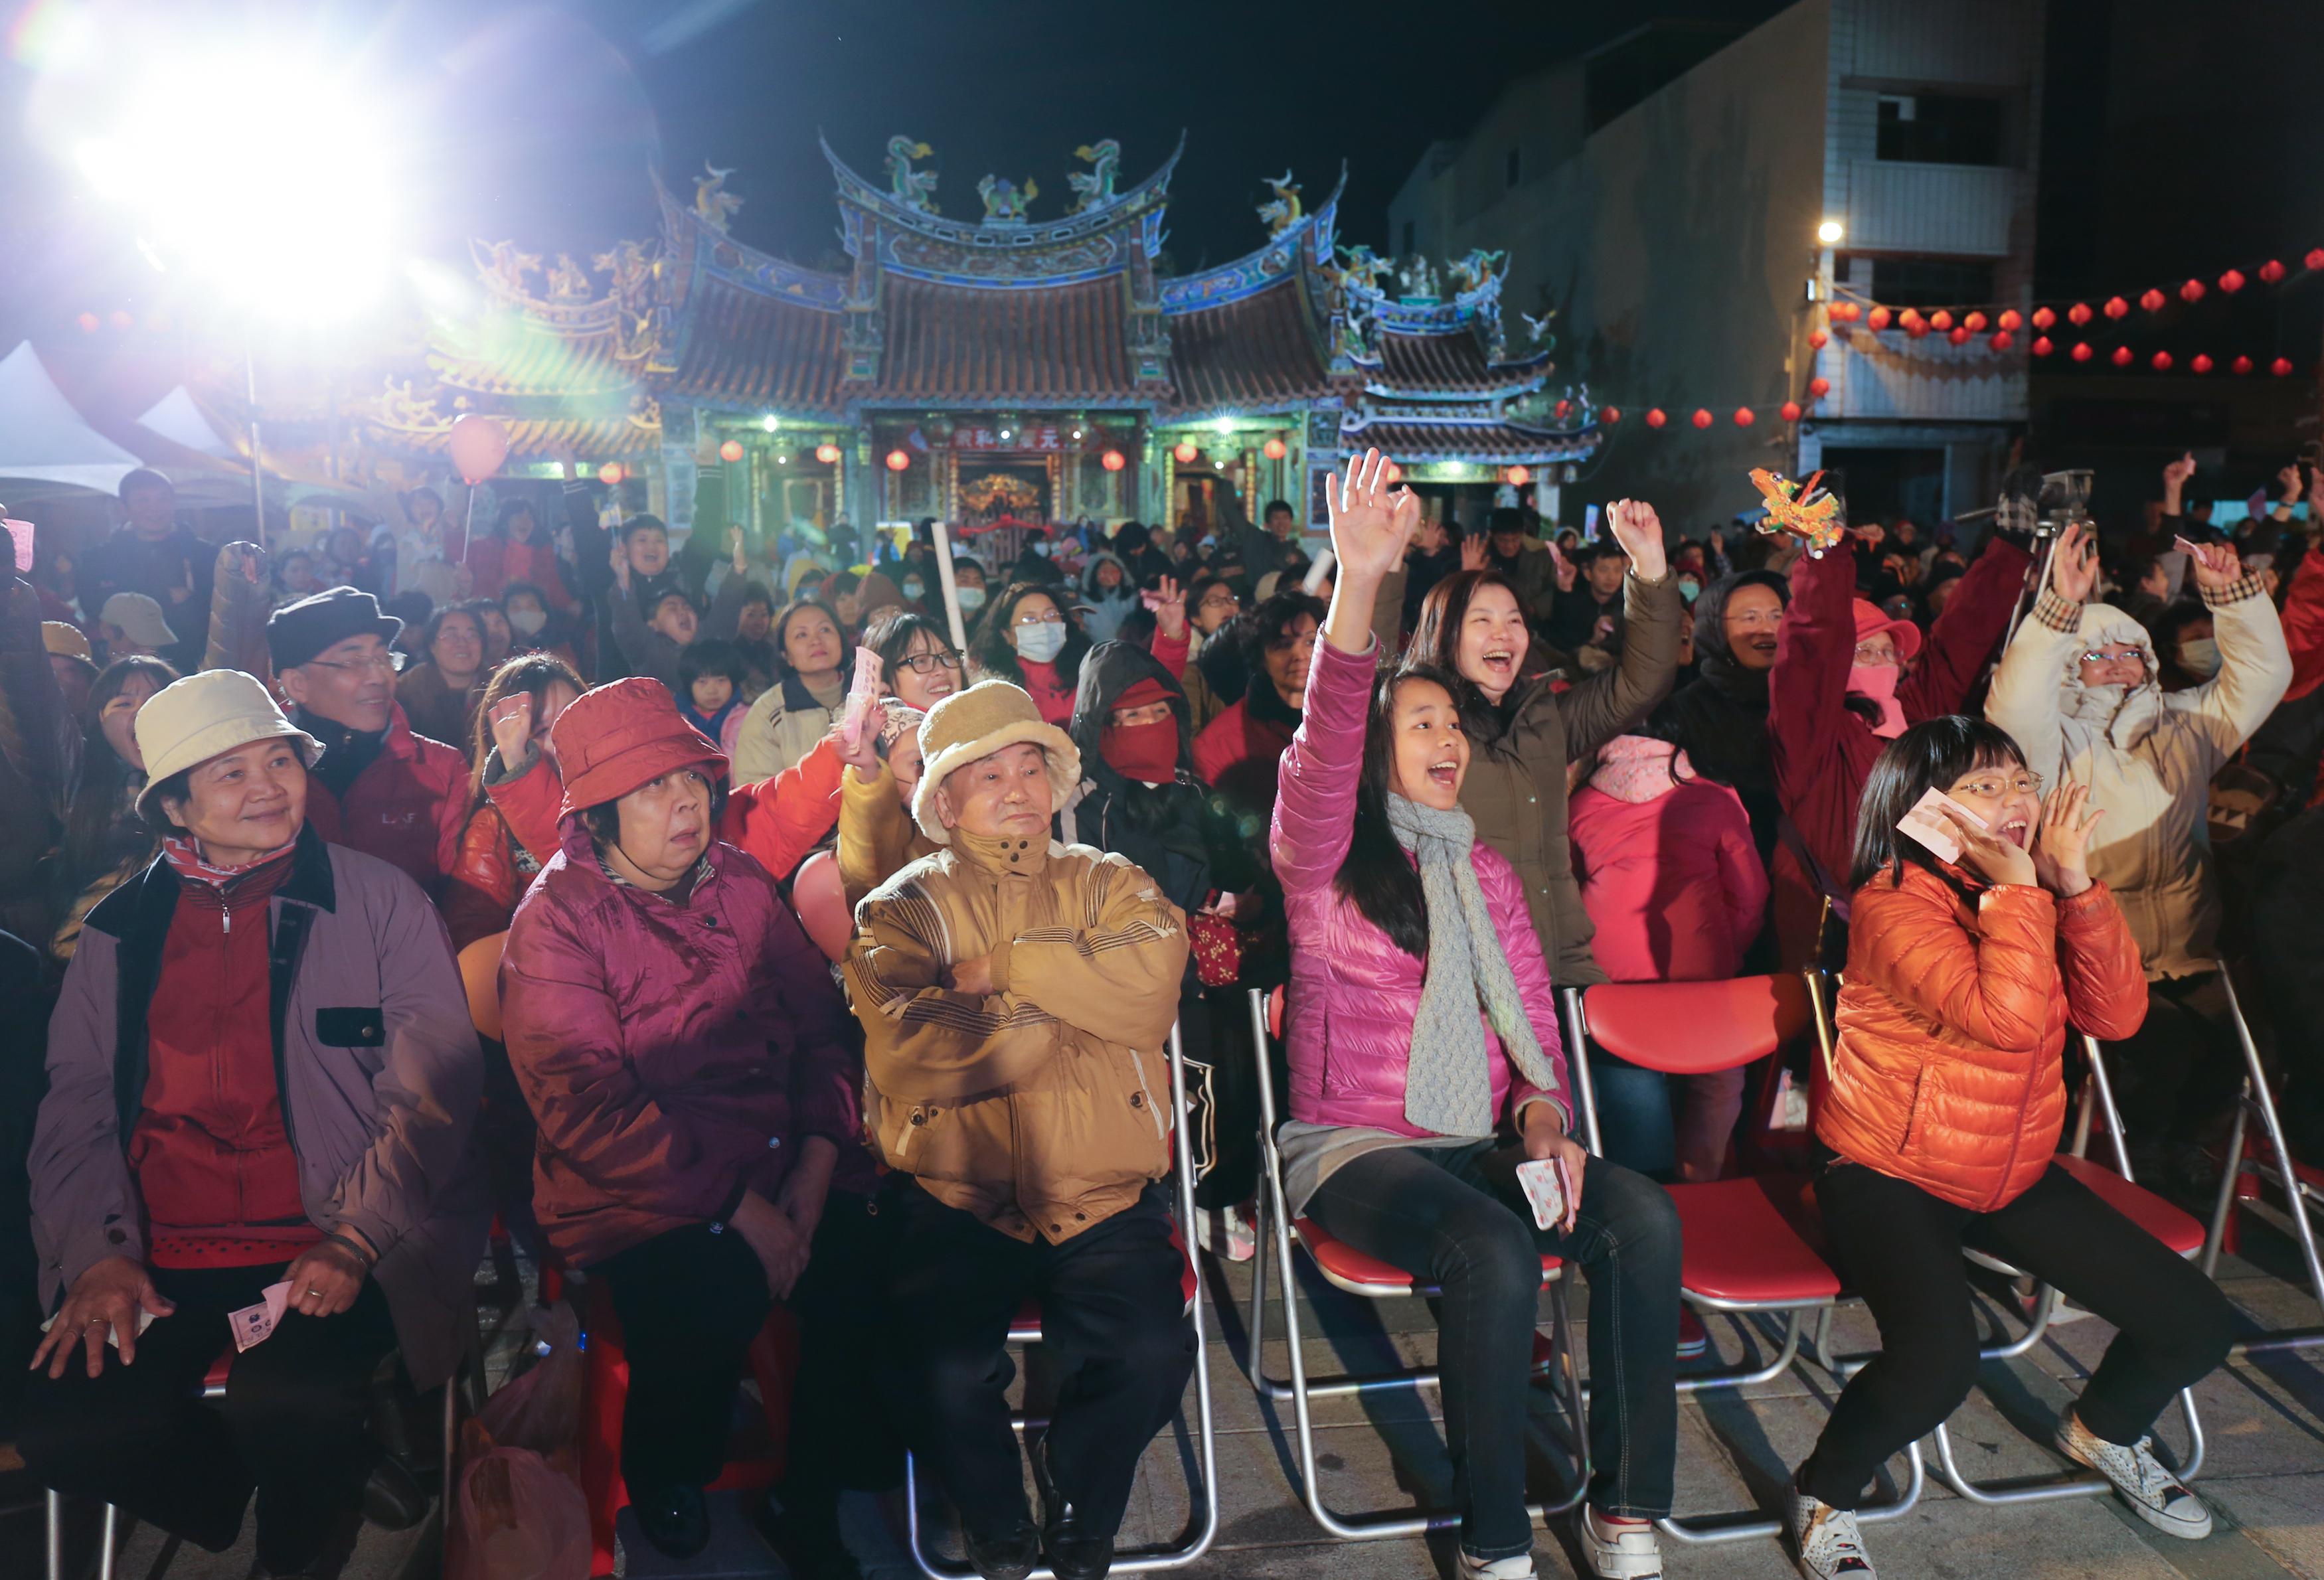 台中媽祖國際觀光文化節在萬和宮,台中婚錄推薦22